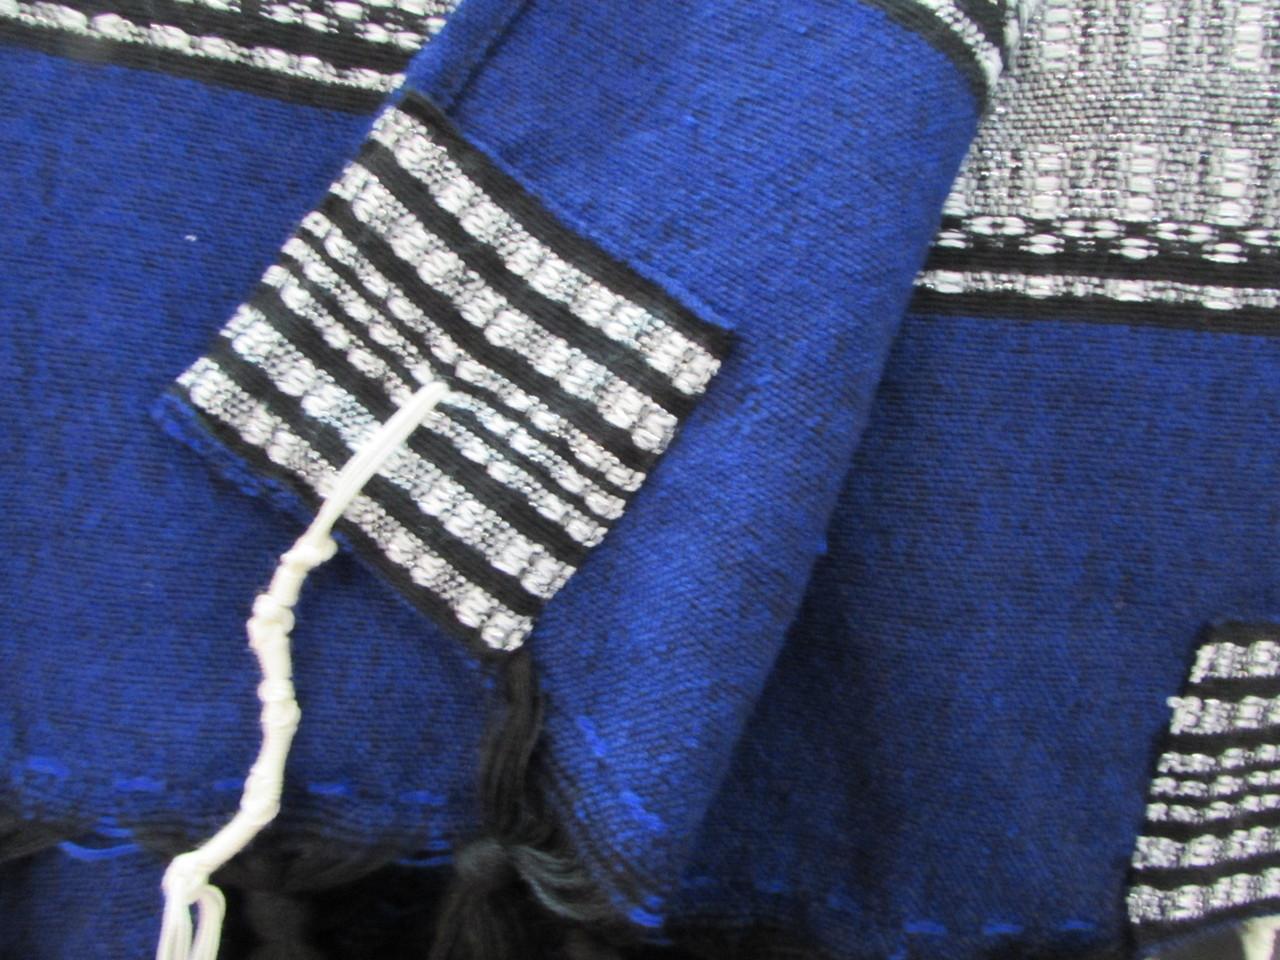 Gabrieli Royal Blue with Black